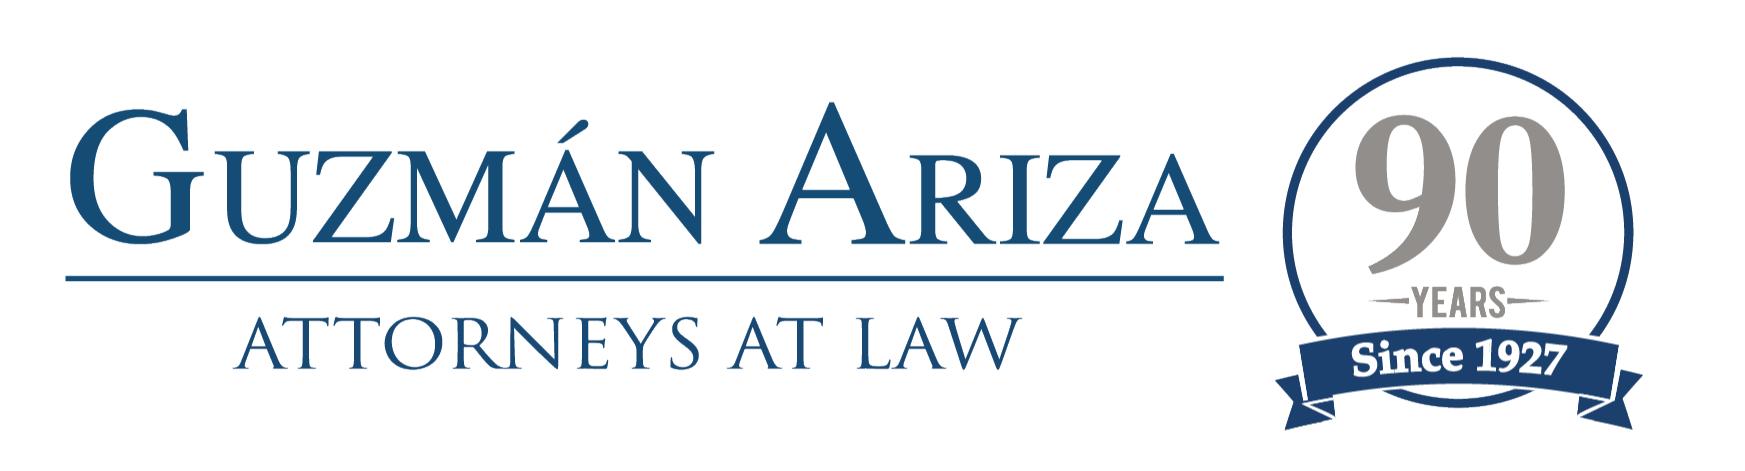 Guzmán Ariza, Attorneys at Law logo